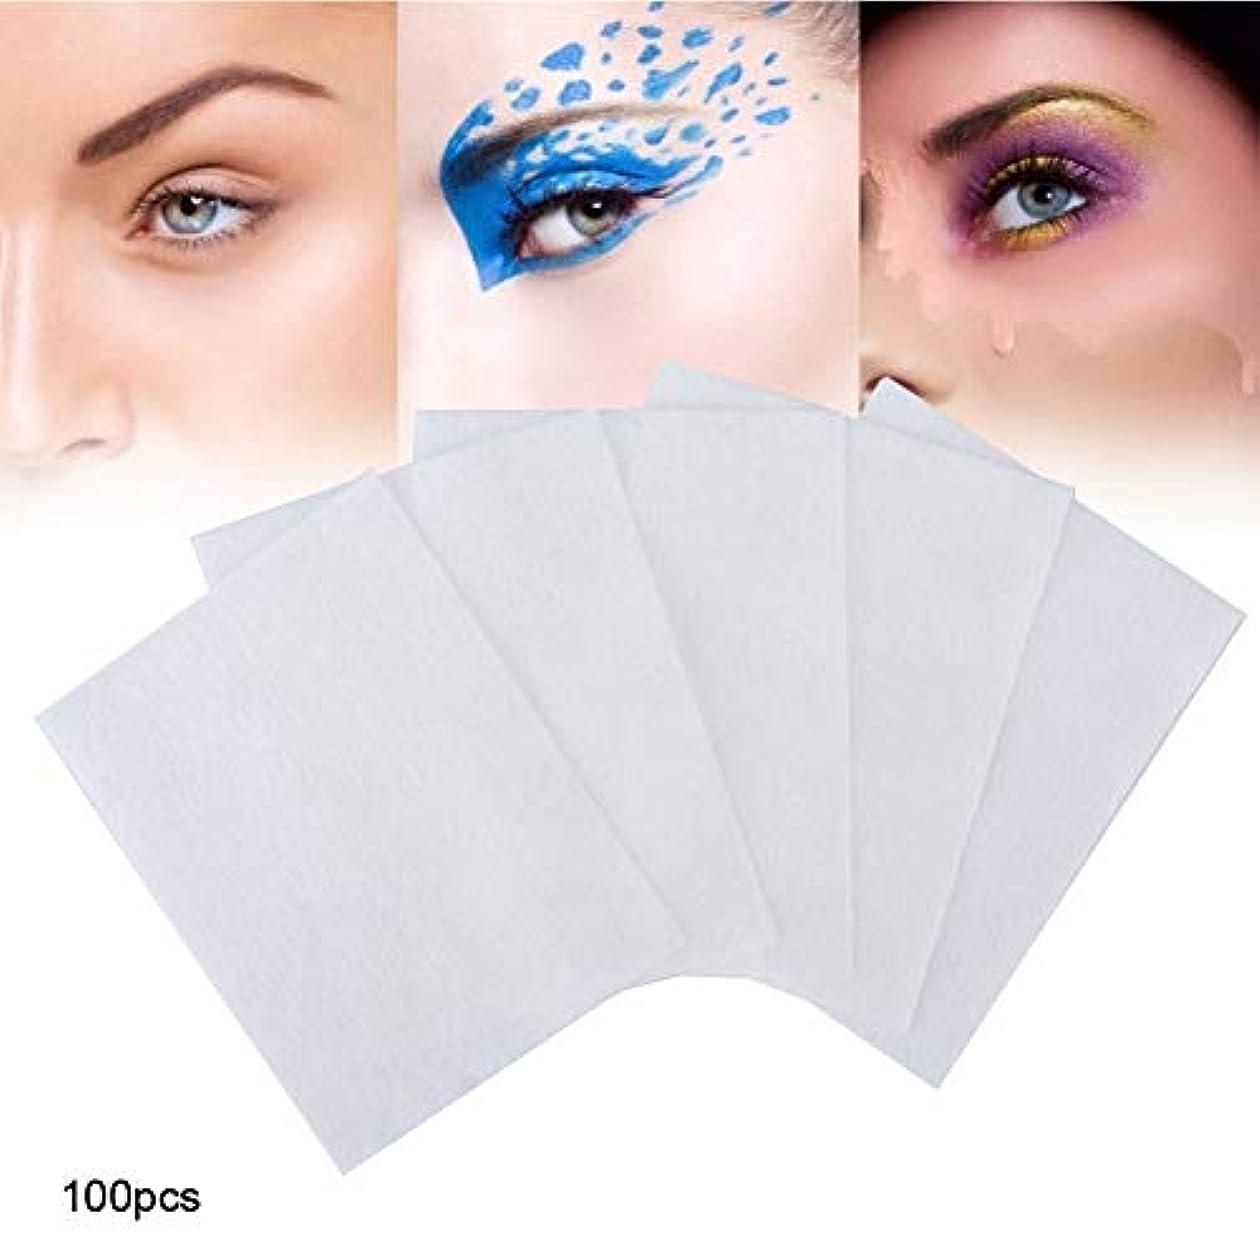 鹿建設伝導率100個 化粧コットンパッド 化粧を削除する 使い捨て洗顔料